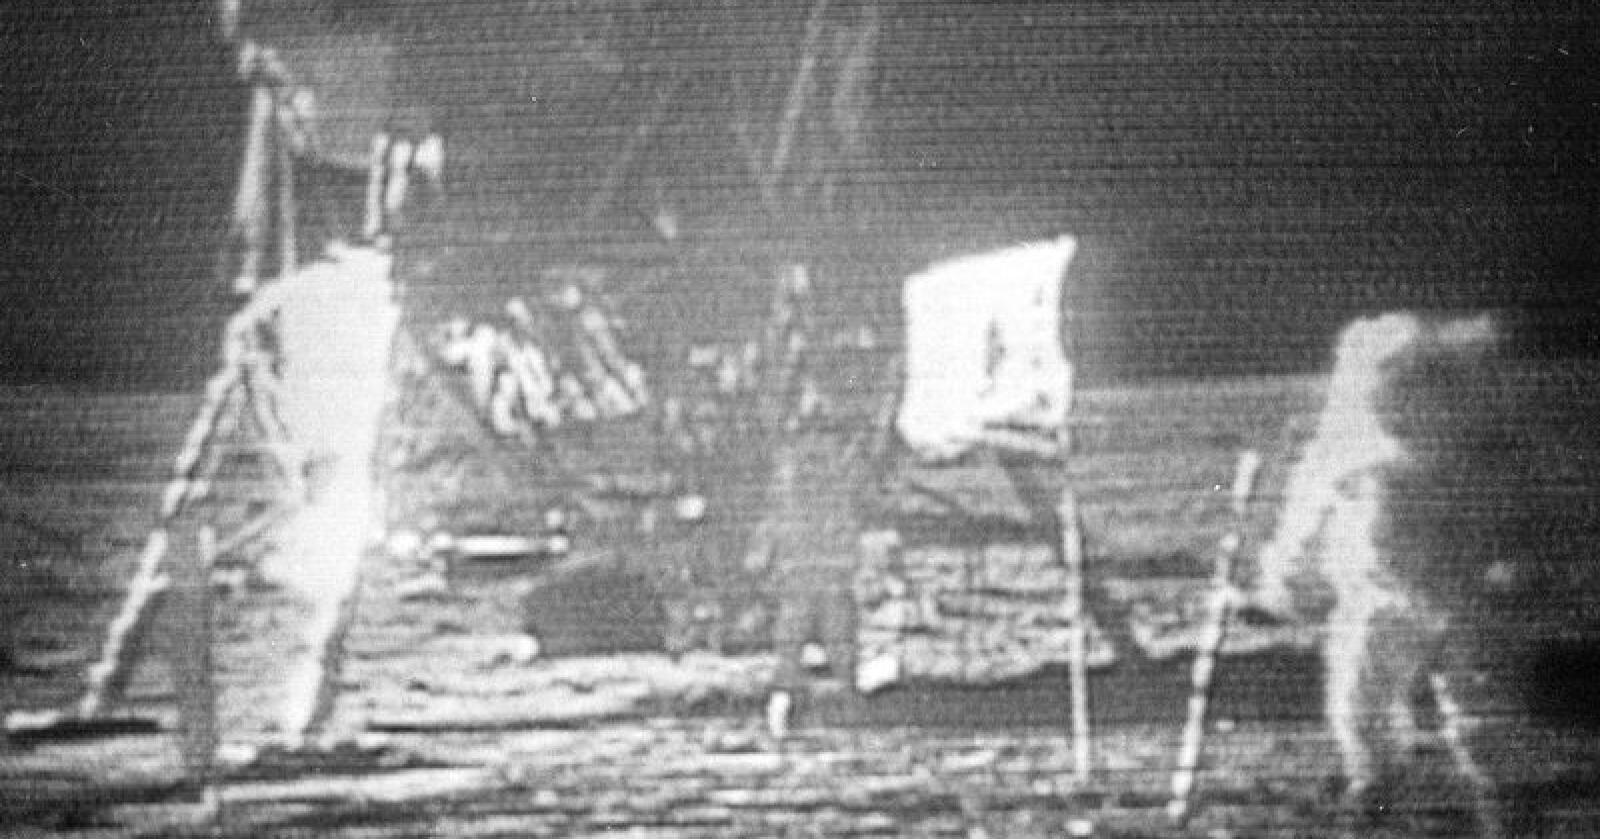 Langt fra Lier: Skarpere enn dette ble aldri tv-bildene som familien i Lier fikk inn på skjermen for 50 år siden. Dette satt vi som tente lys og så på. Vi skimter Neil Armstrong, til høyre, og Edwin E. «Buzz» Aldrin nærmere landingsfartøyet «Eagle». Foto: NASA via AP